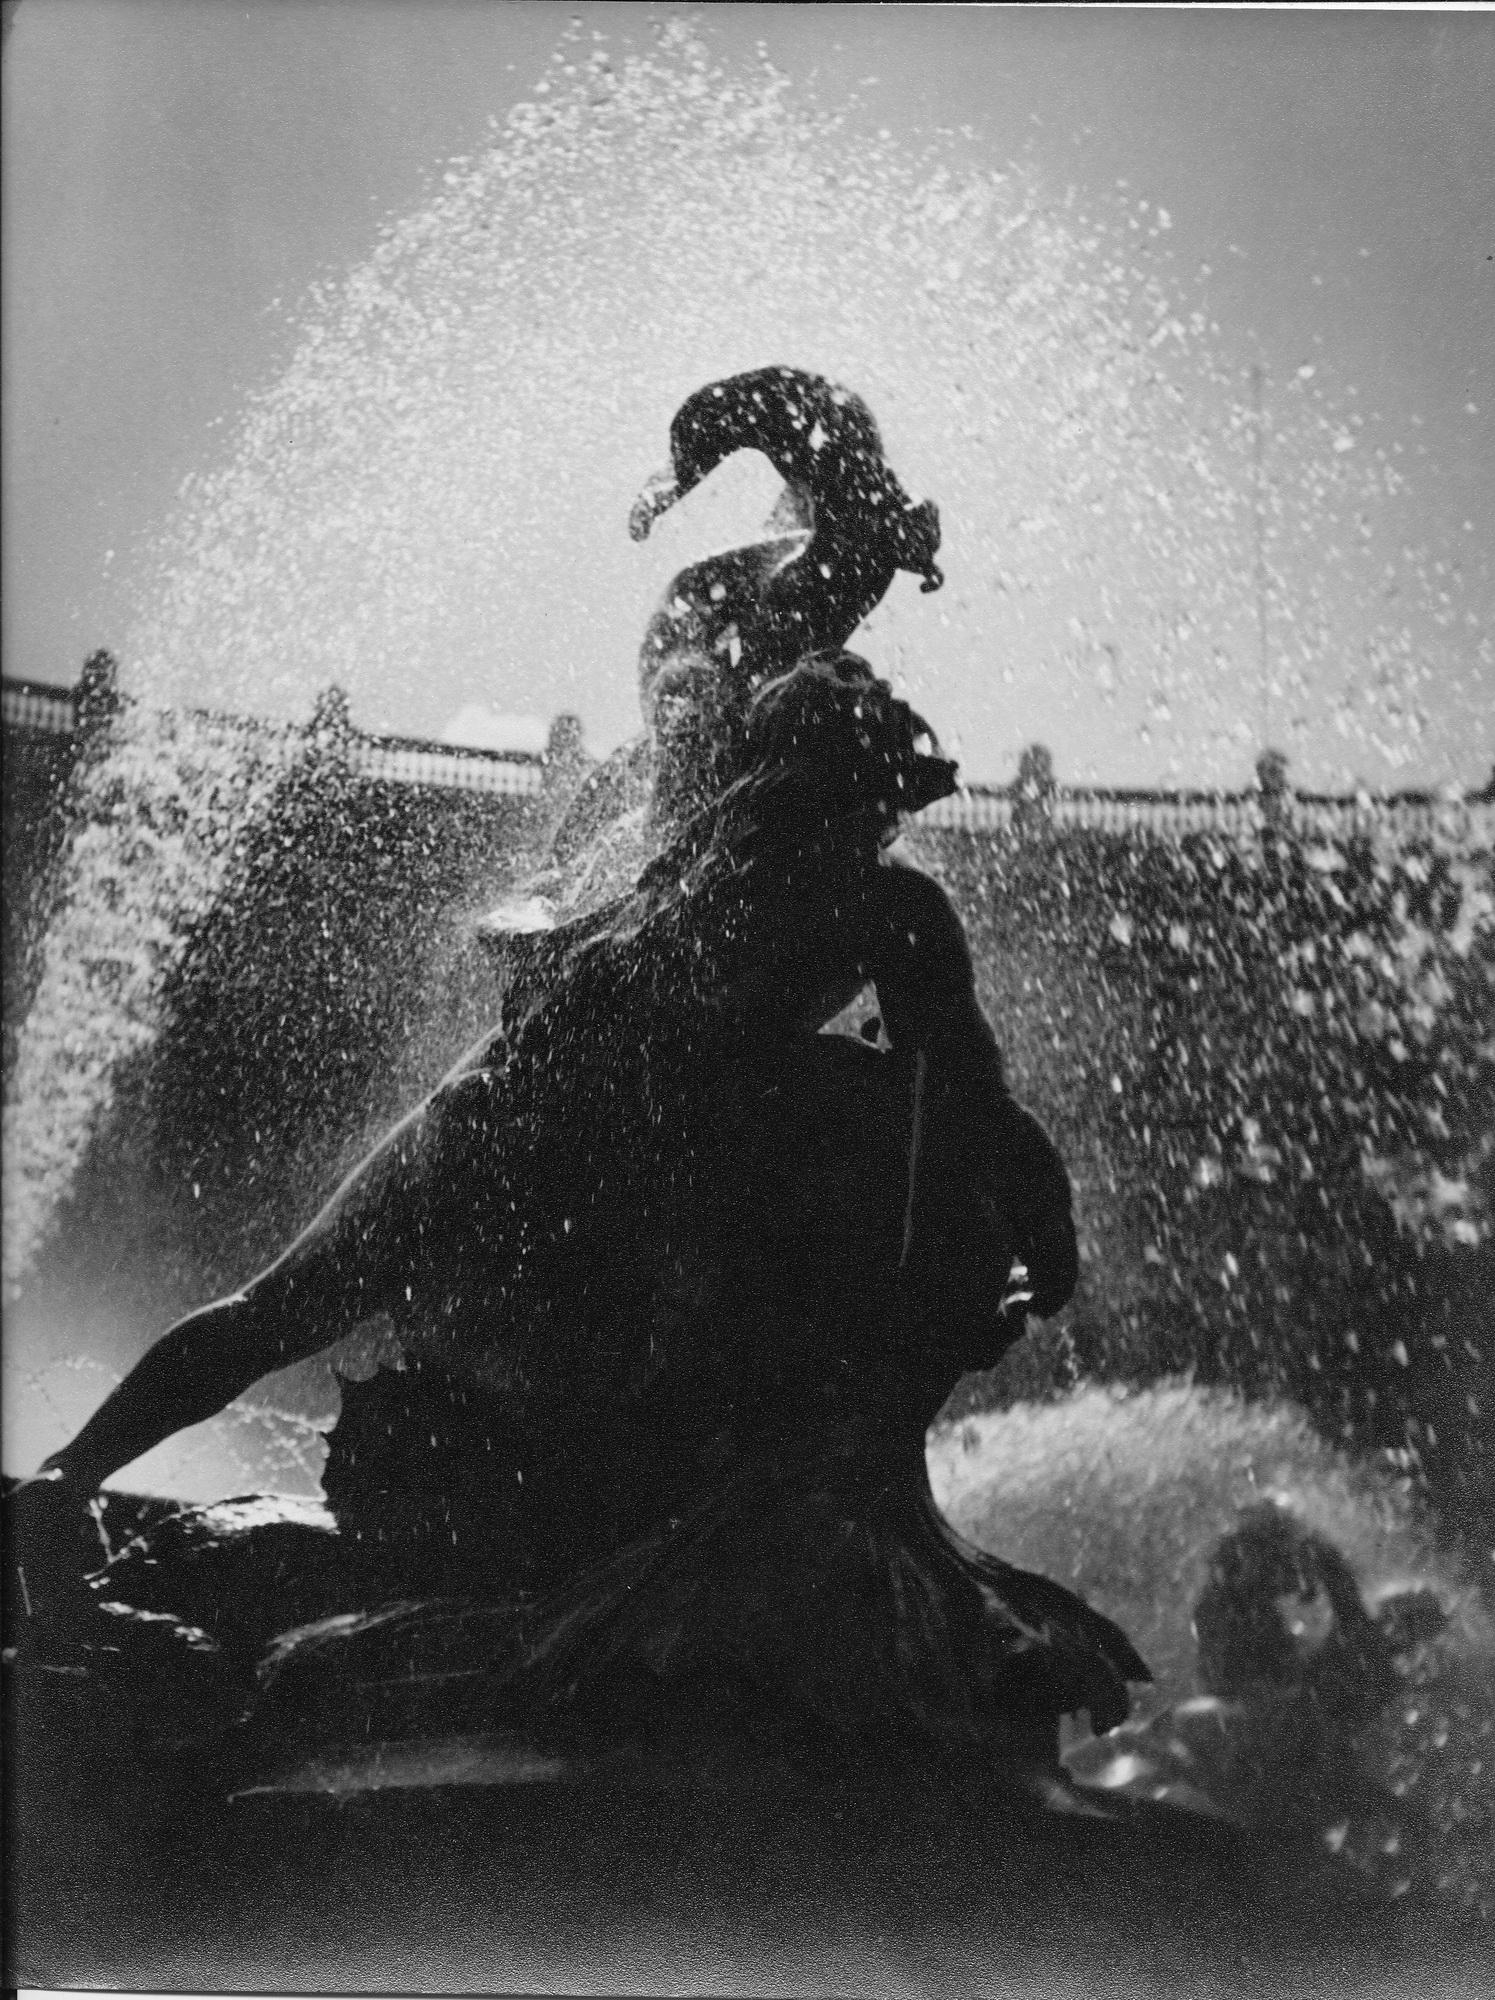 Fountain of Naiads